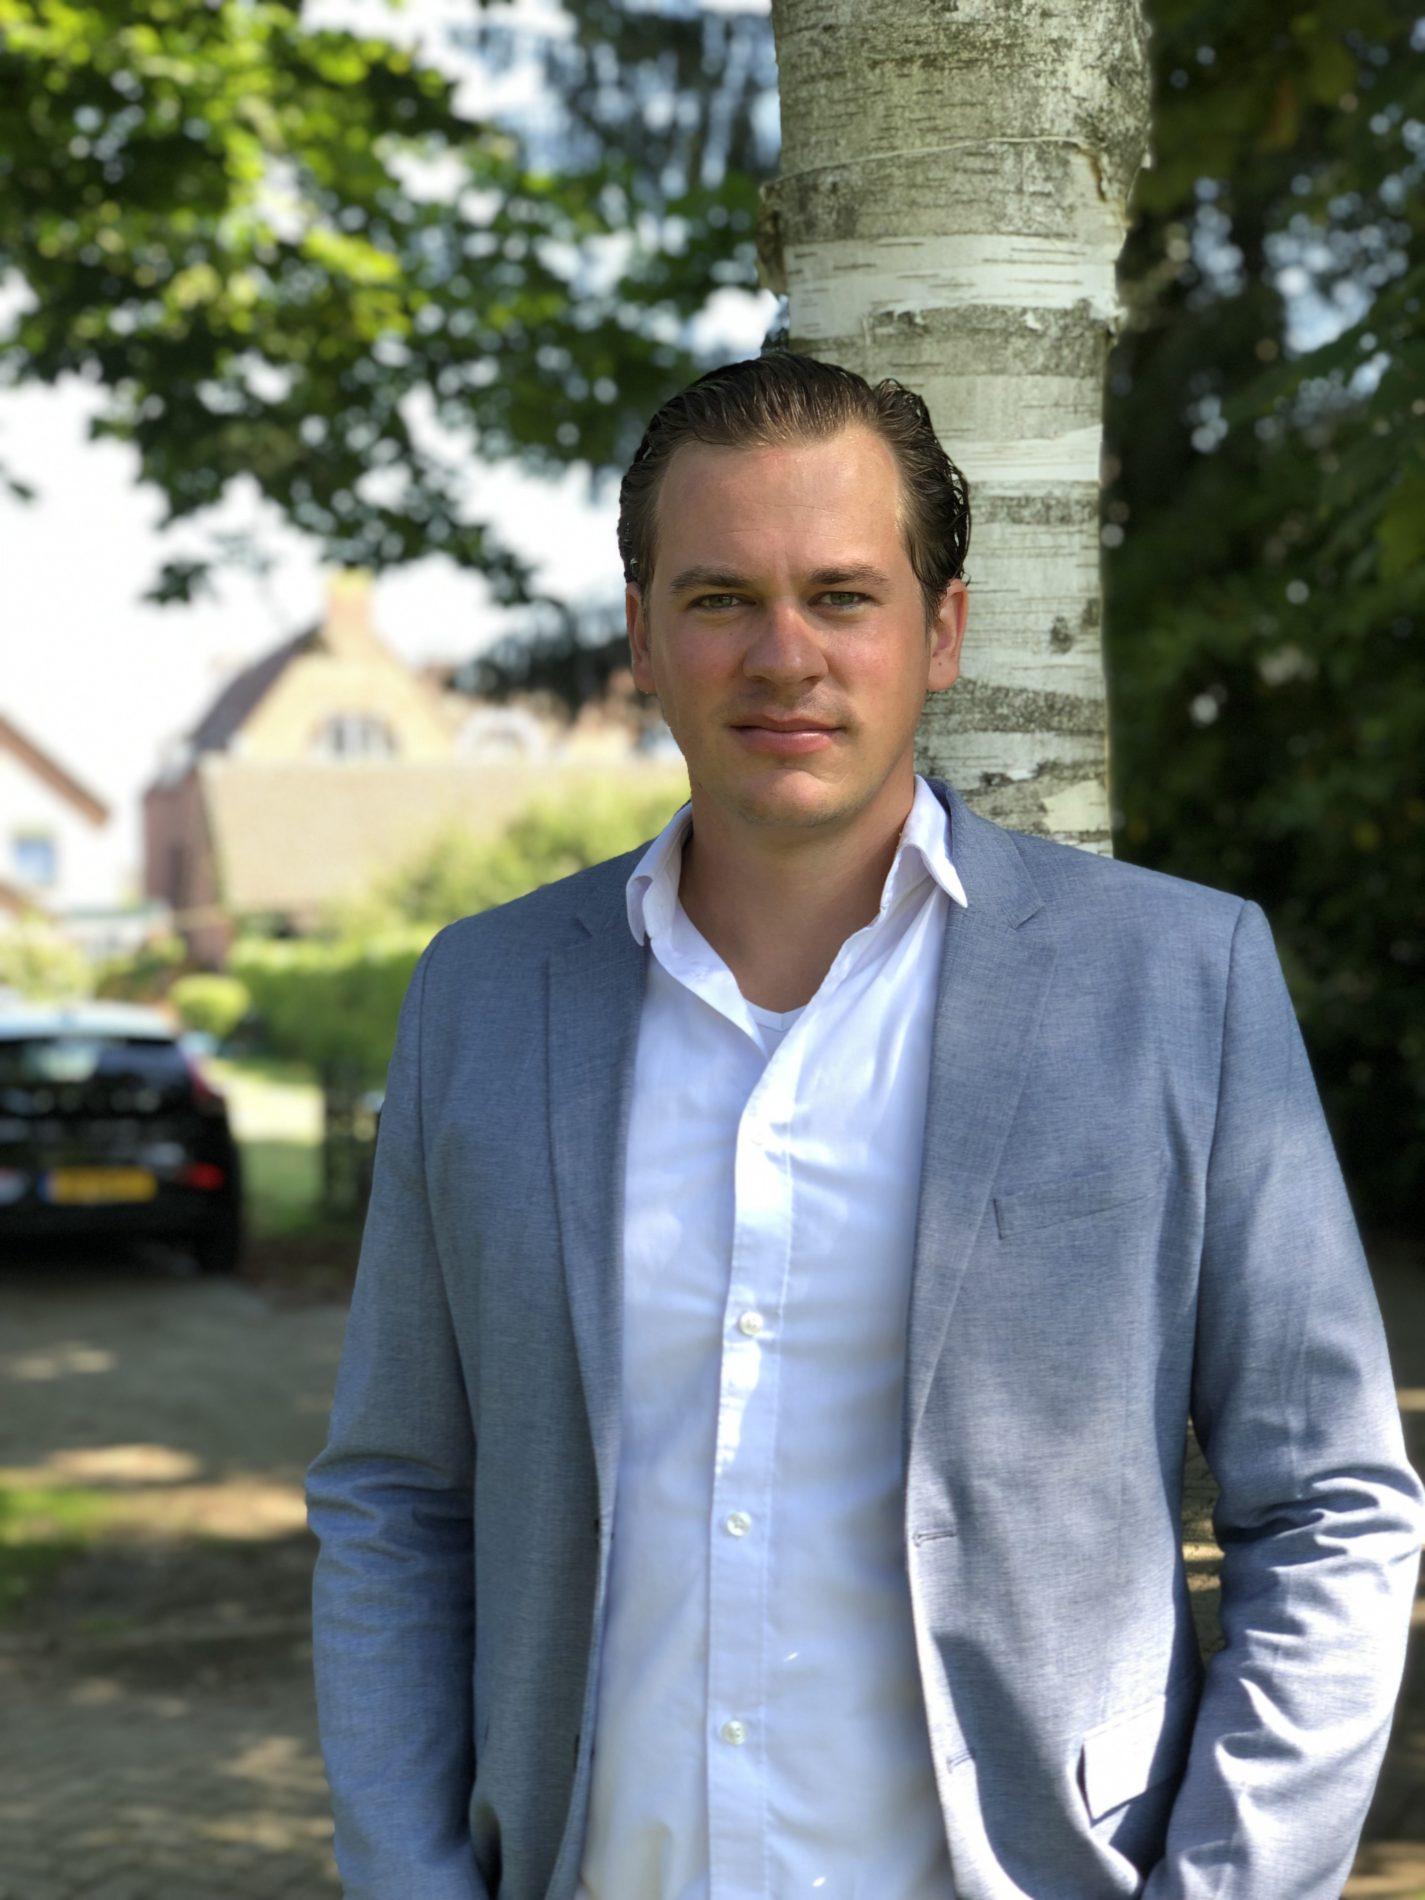 Mark van Leersum